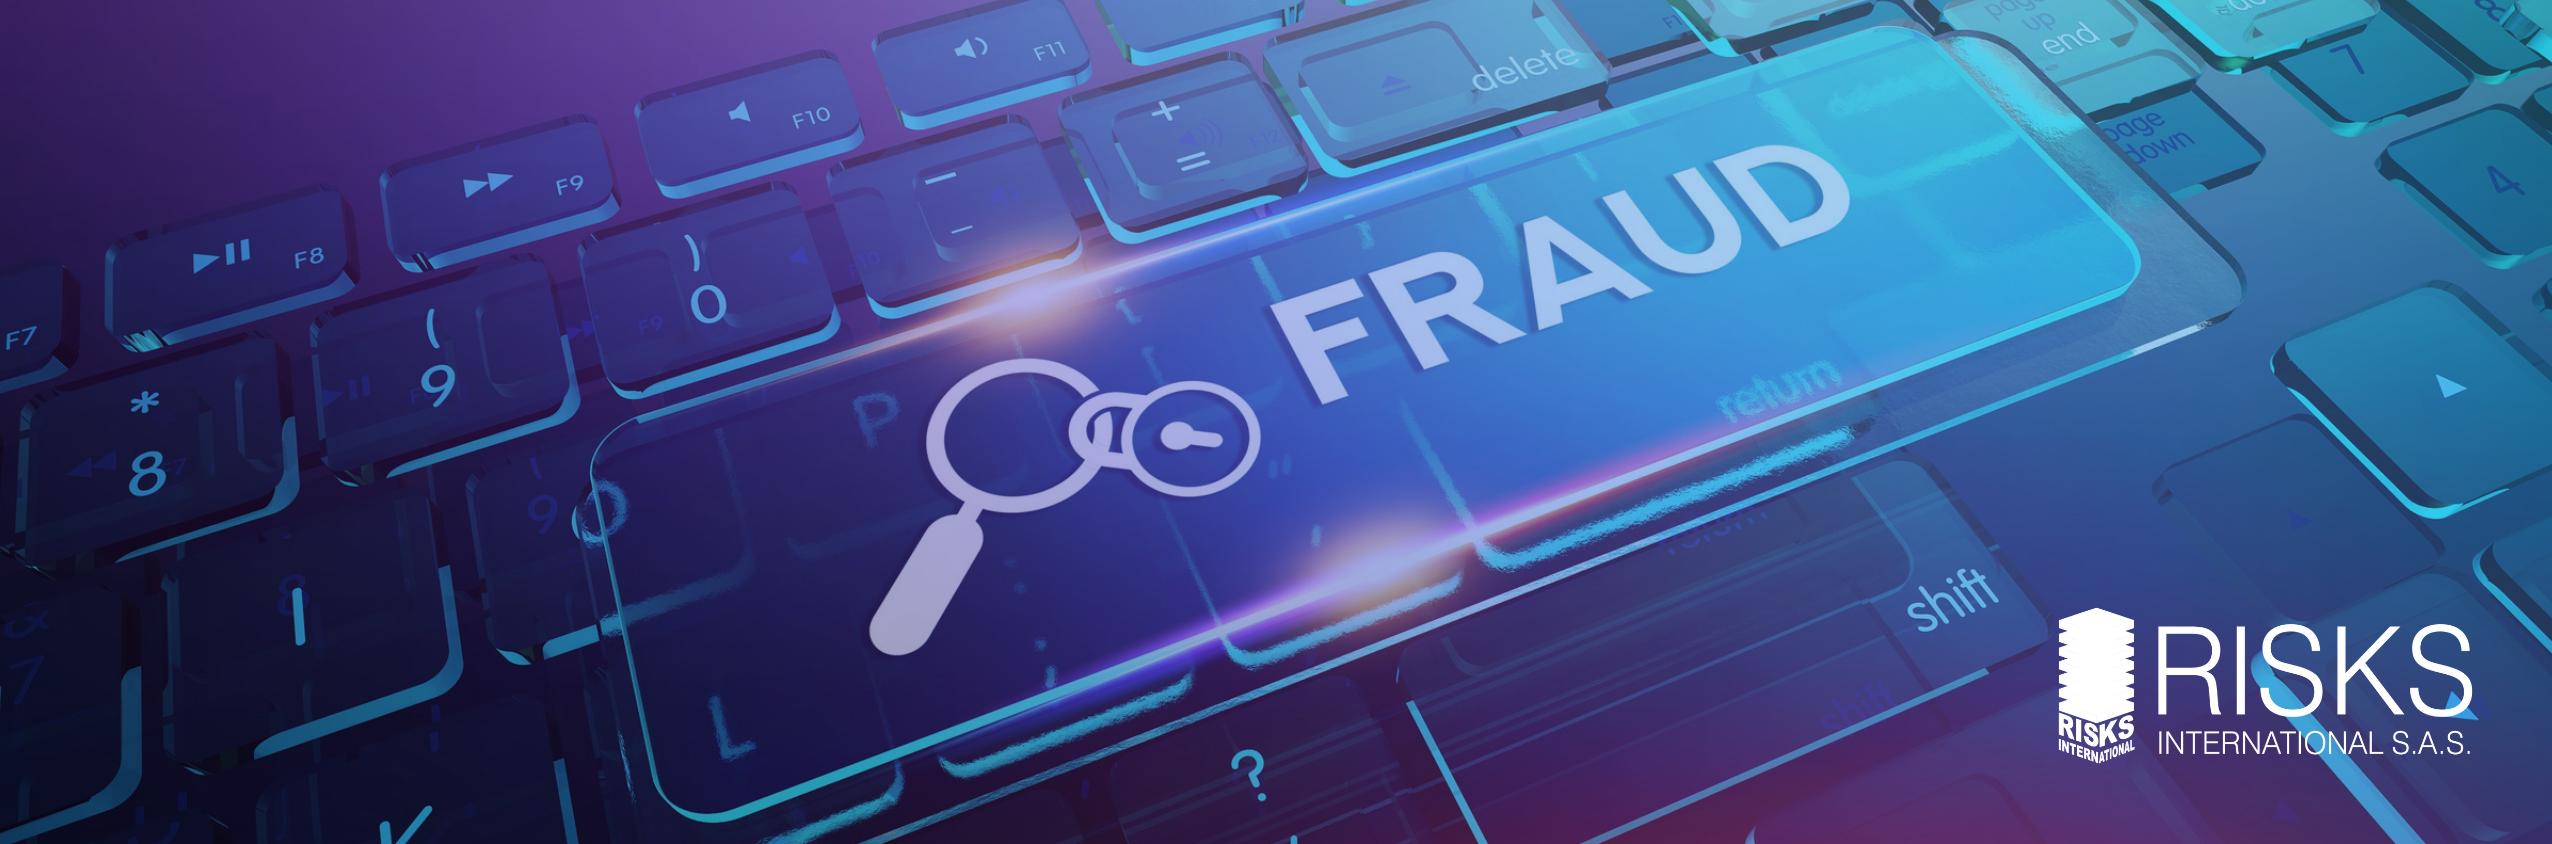 El fraude no se detiene, ni siquiera en pandemia.